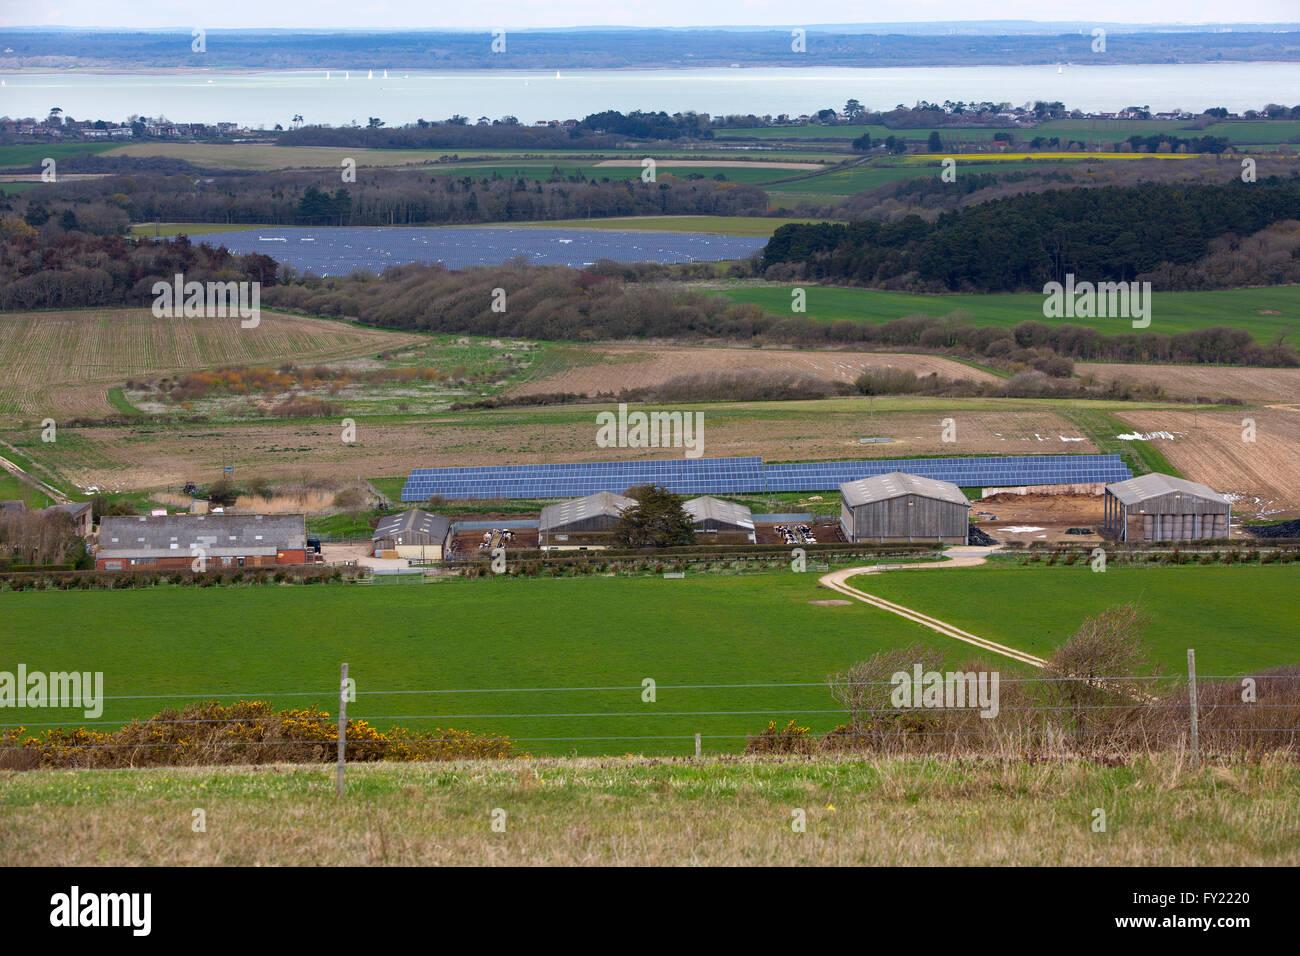 Granja Solar, paneles solares, Afton hacia abajo, el agua dulce, la Isla de Wight, Inglaterra, Reino Unido. Imagen De Stock